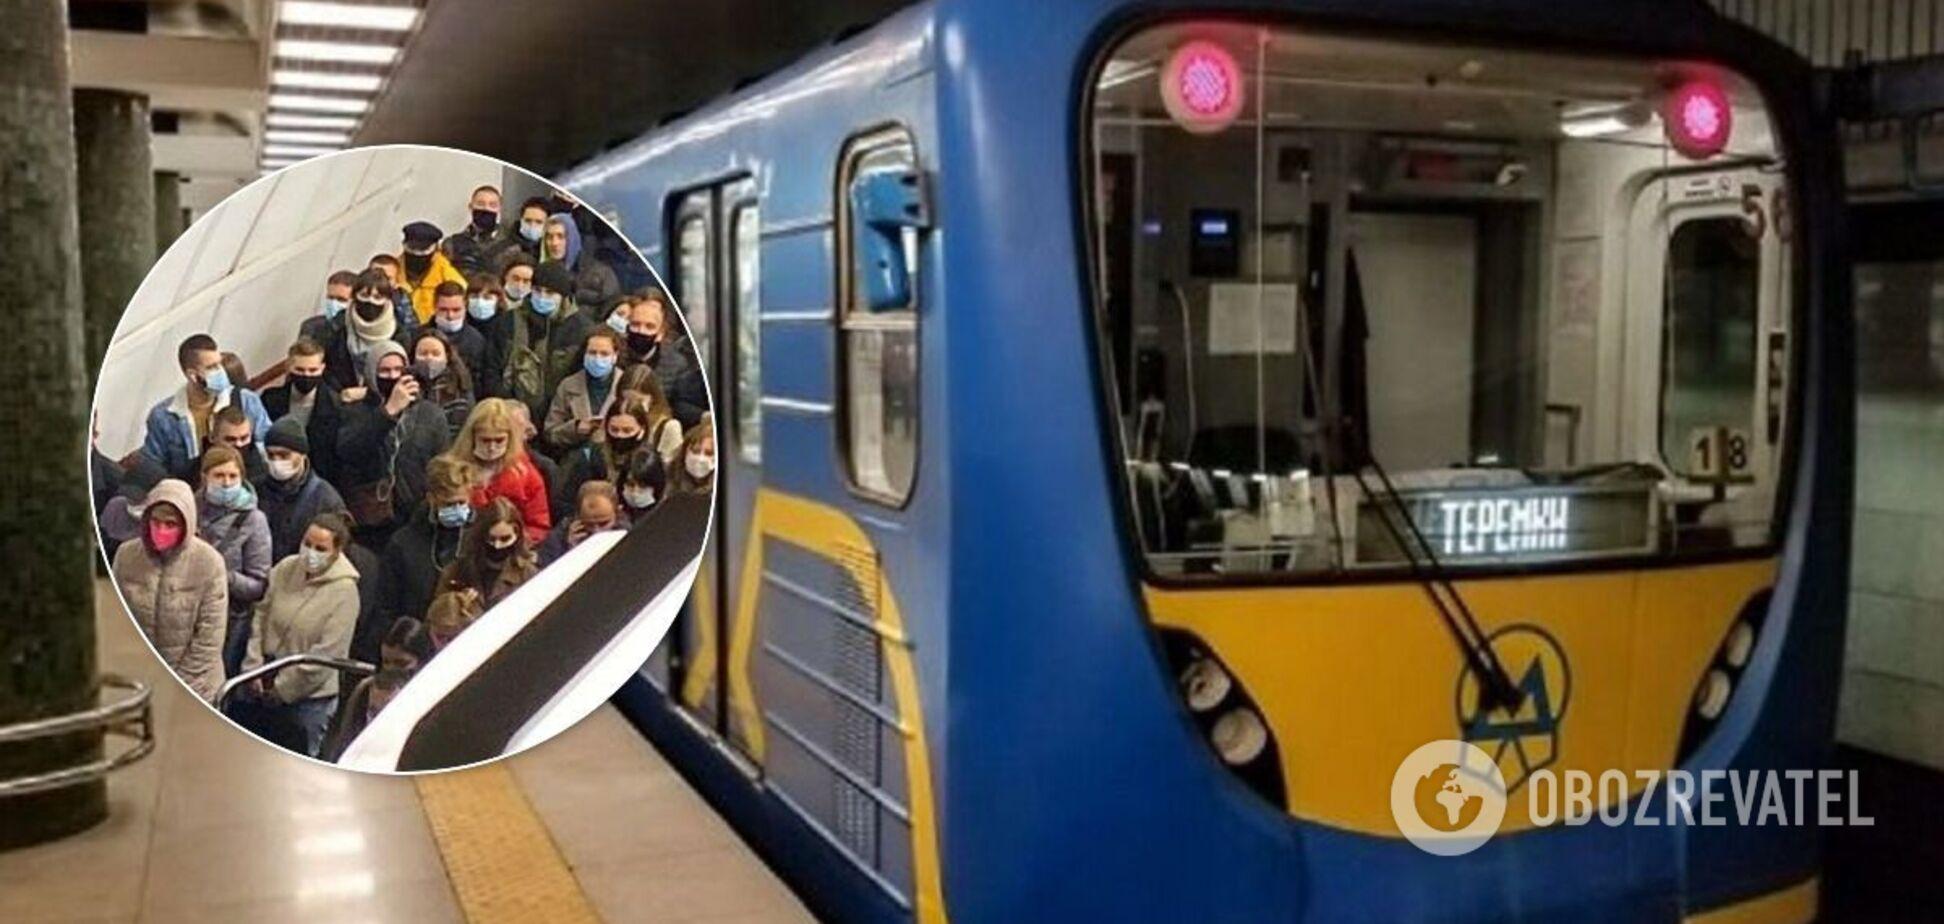 У Києві зупинився рух метро: чоловік потрапив під потяг і вижив